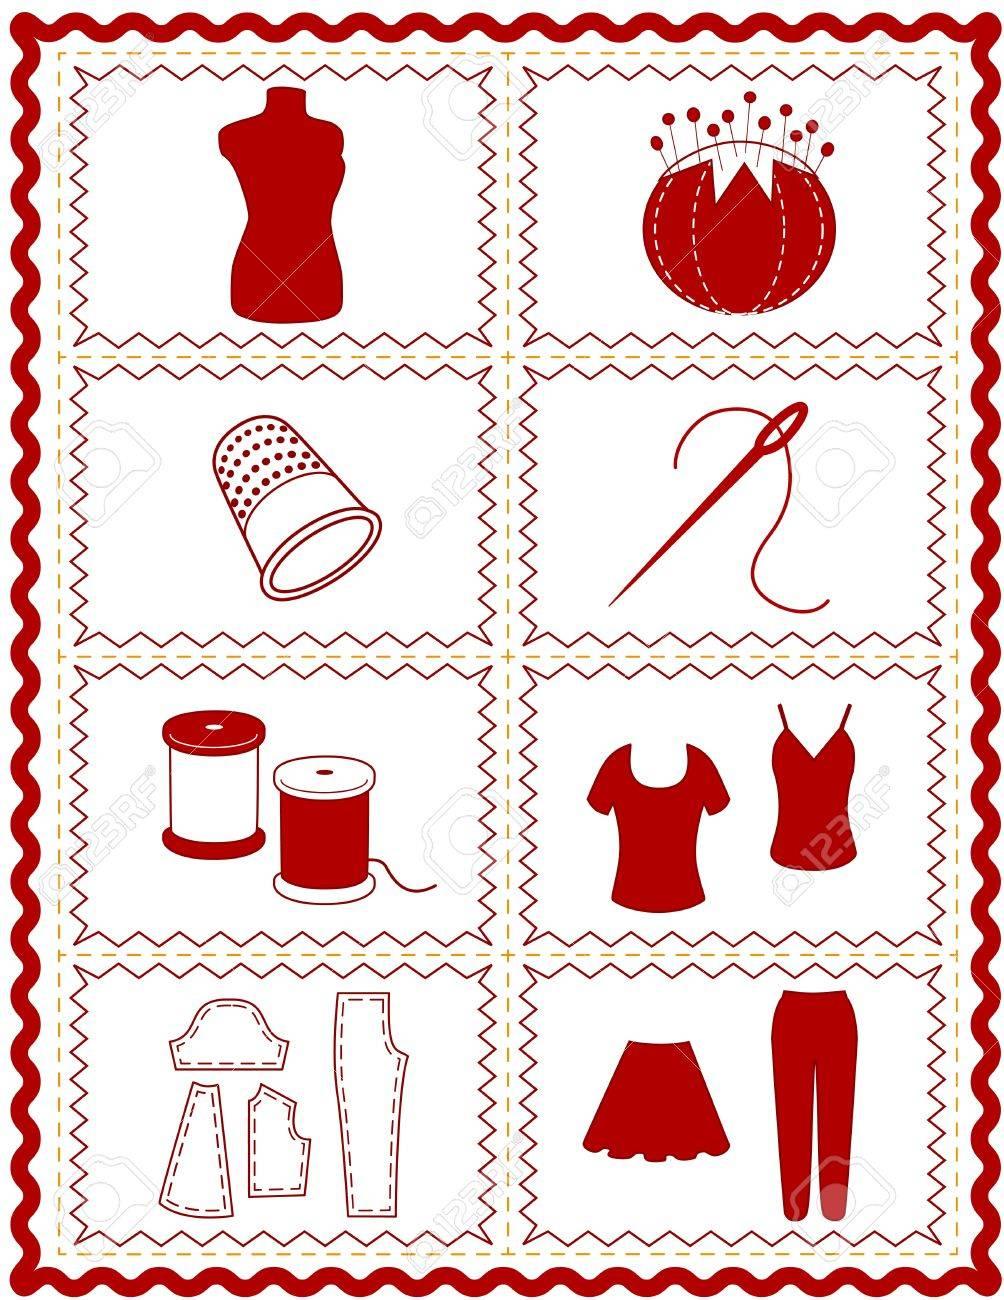 Costura Iconos, Herramientas E Insumos Para La Confección, Costura ...